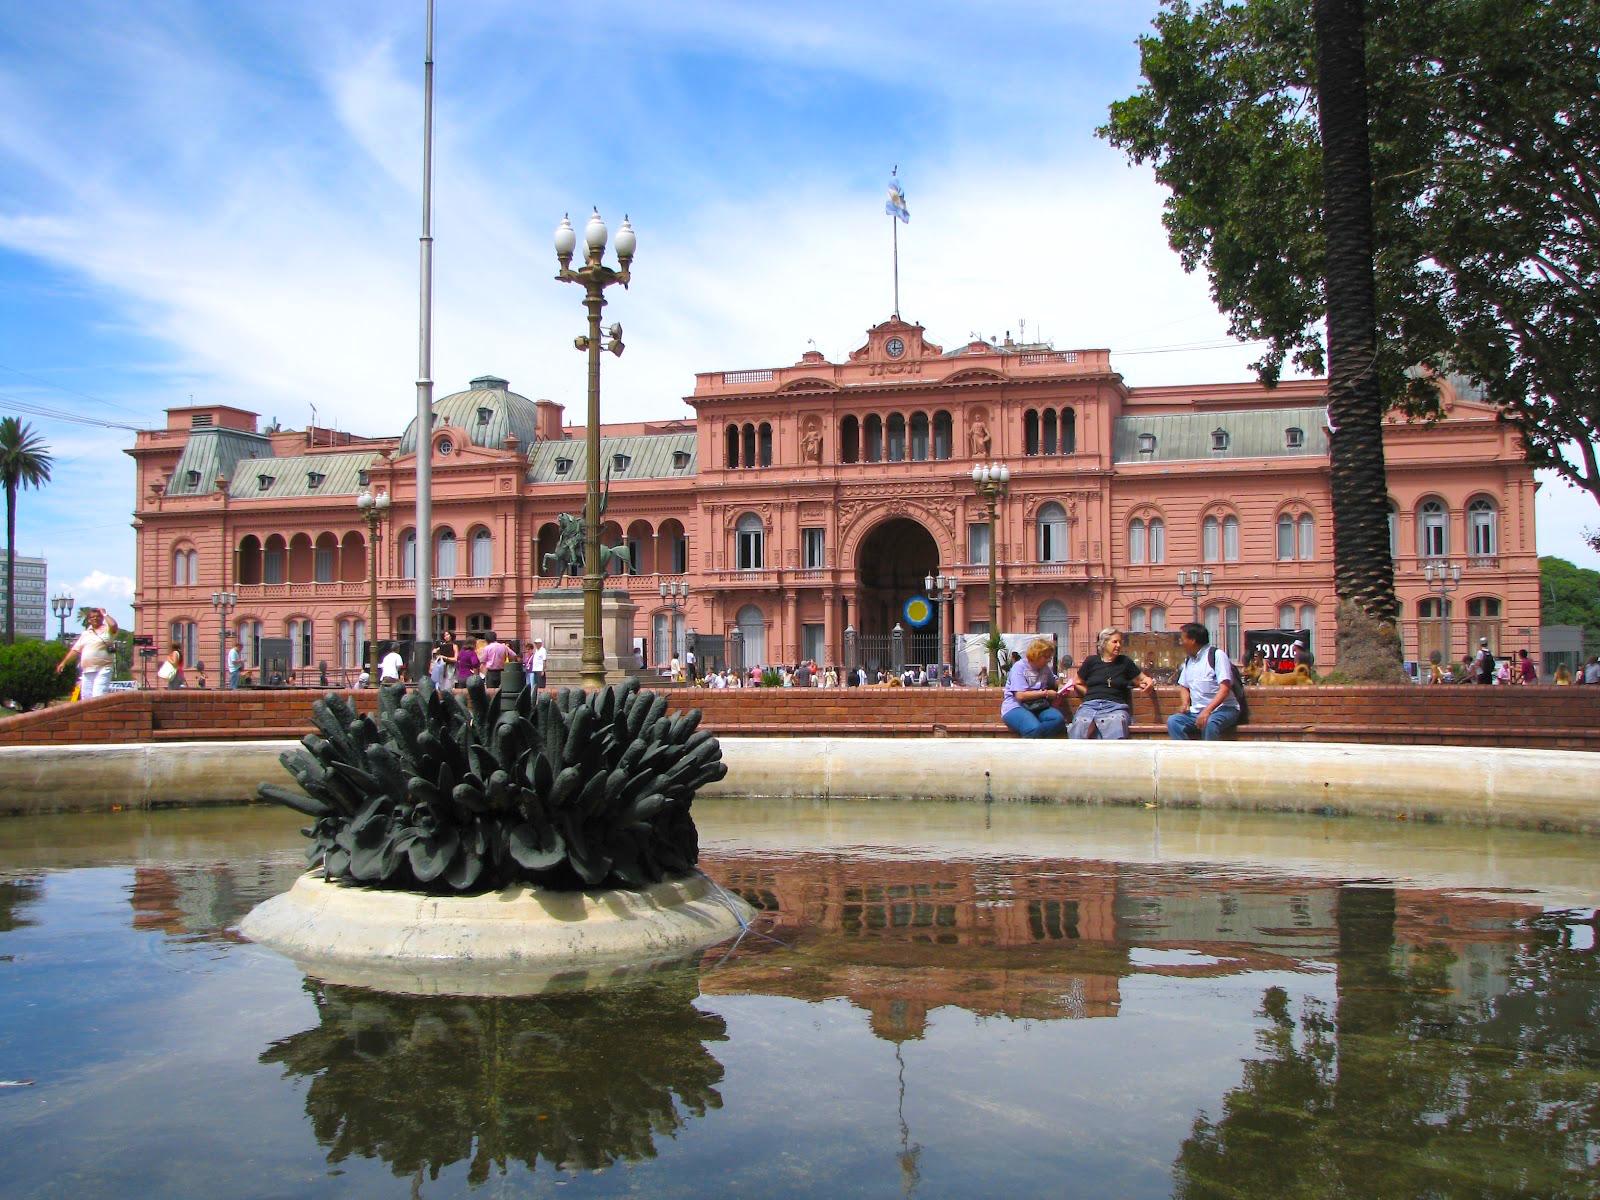 Dicas de Viagem | BUENOS AIRES: CENTRO : Itinerário de Viagem